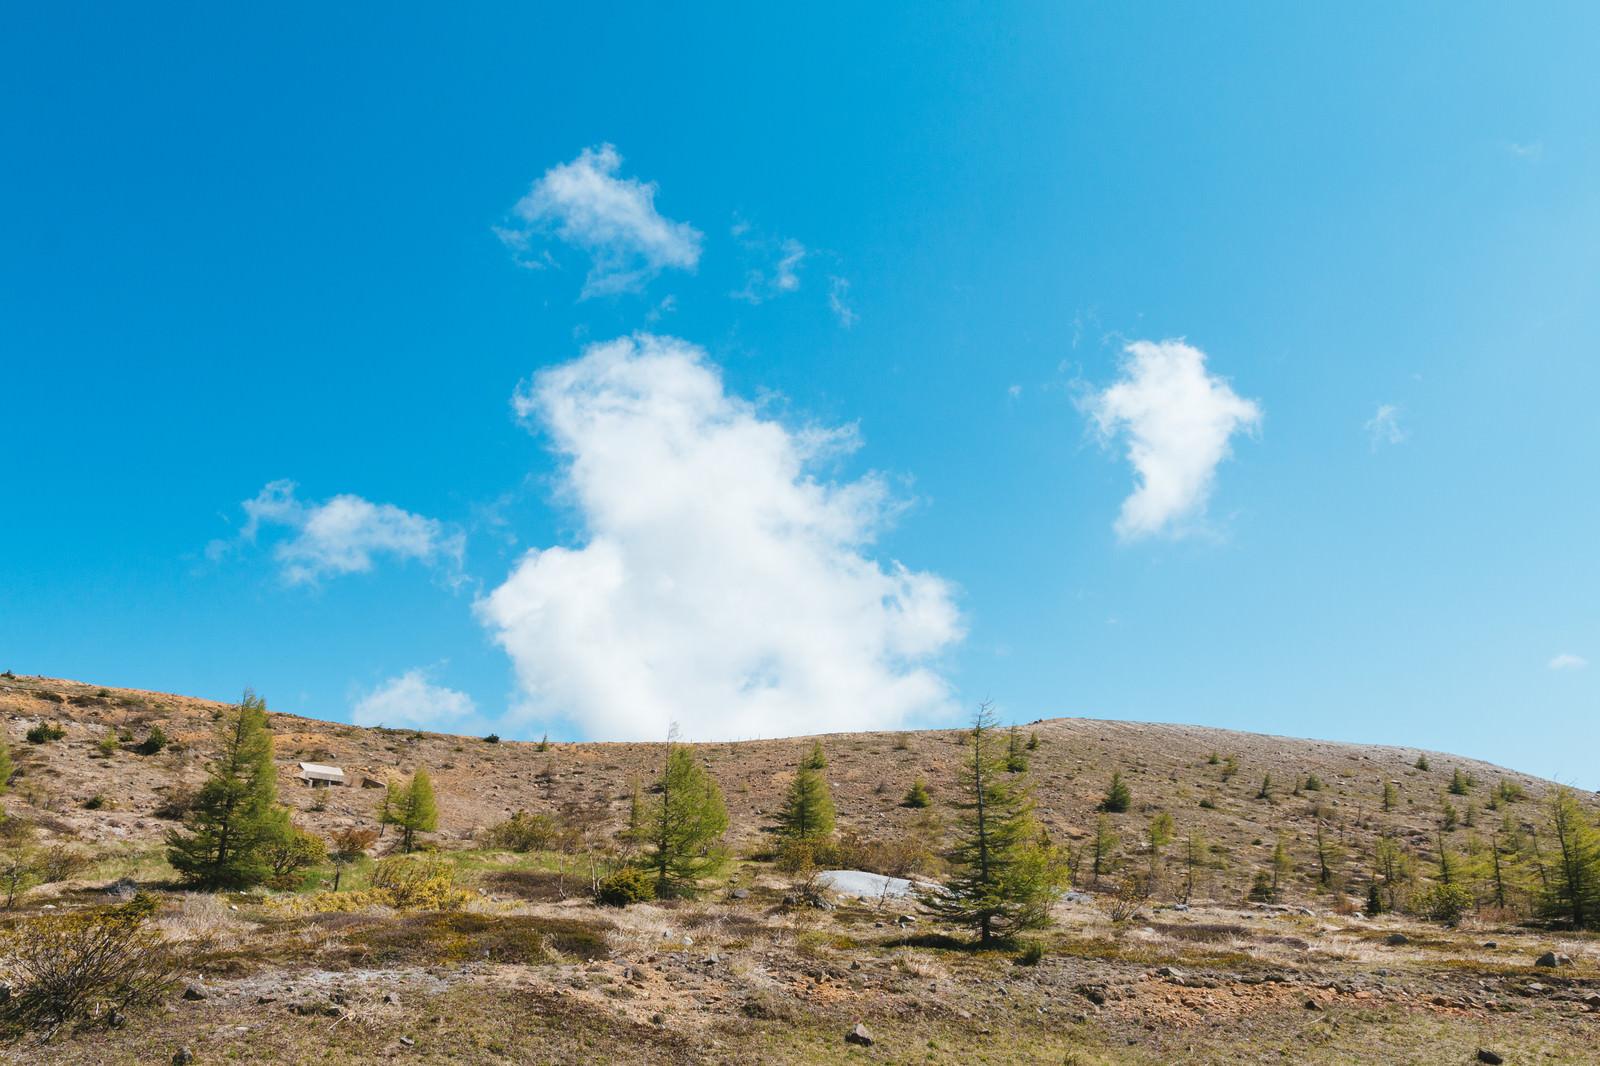 「くさきがポツポツ生える白根山くさきがポツポツ生える白根山」のフリー写真素材を拡大